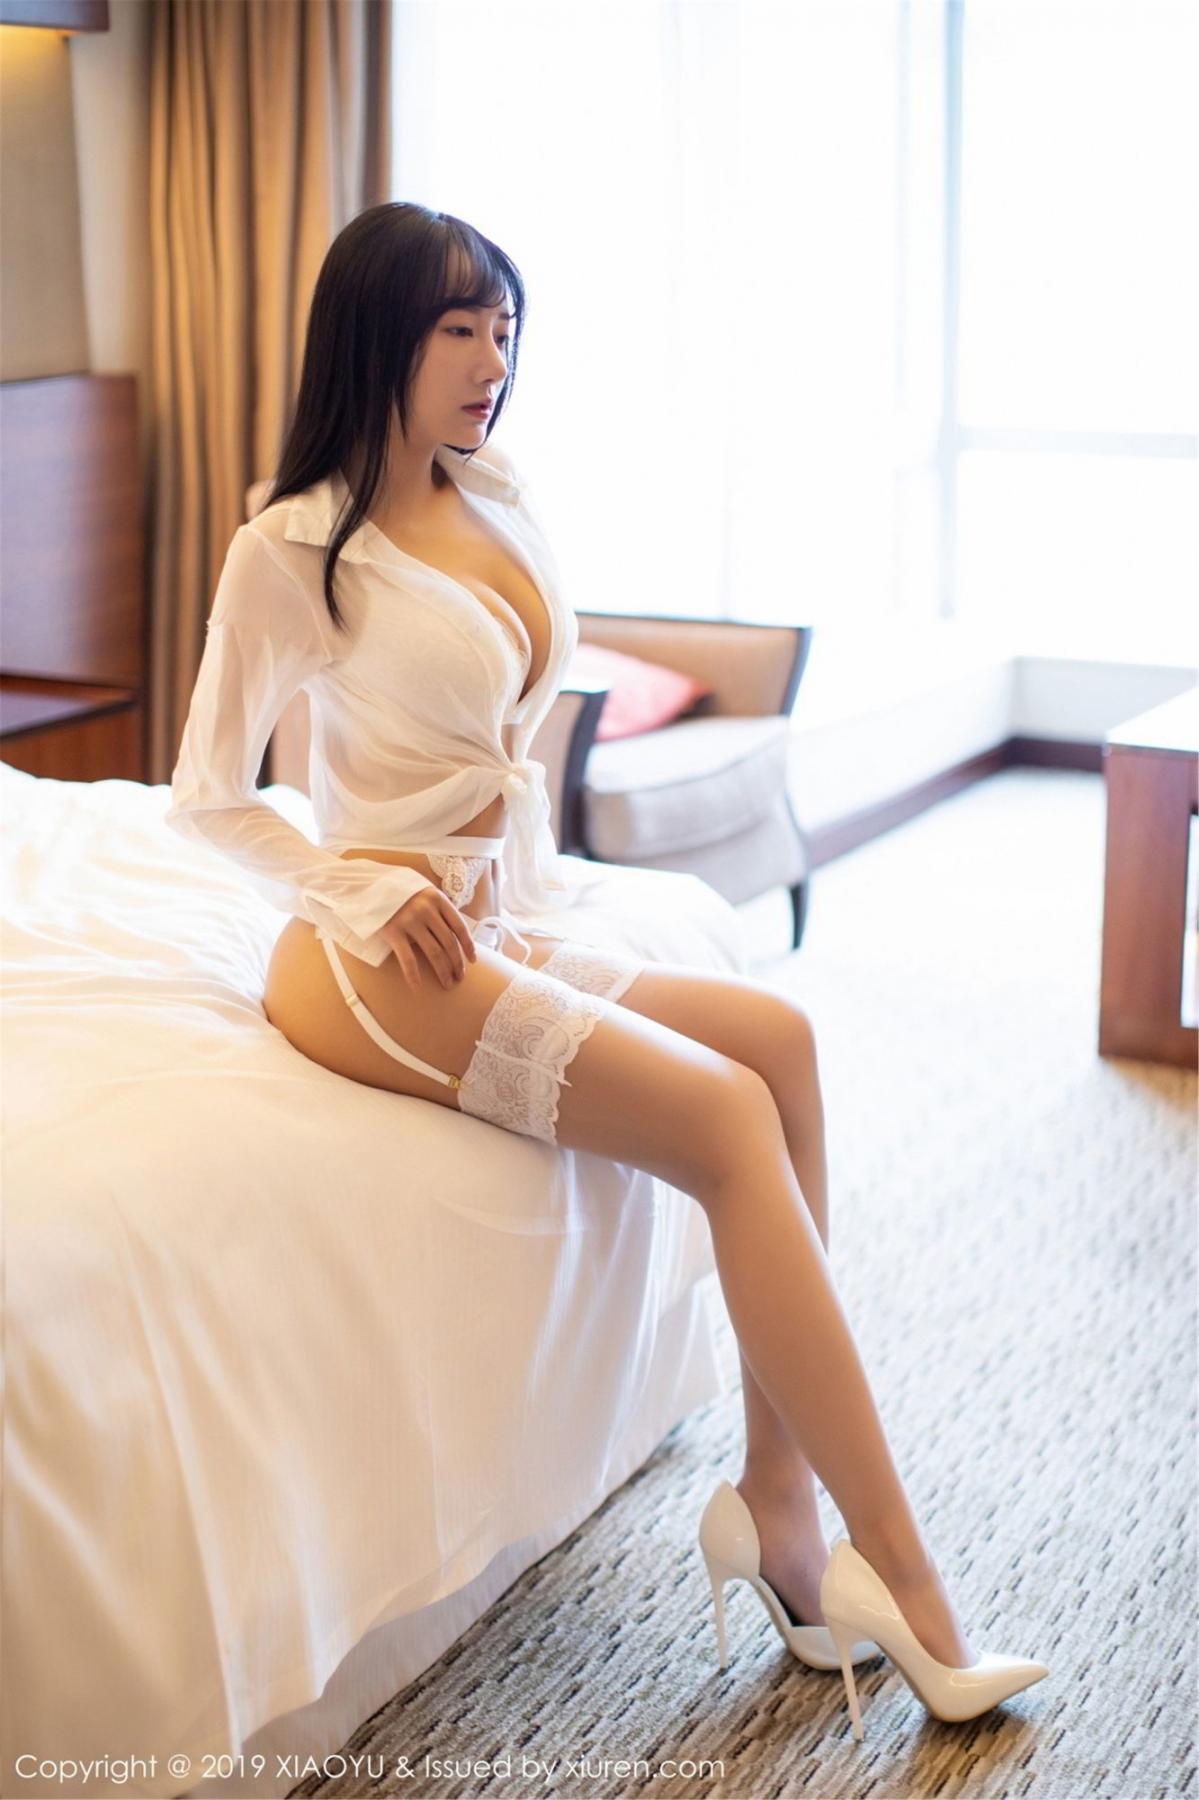 [XiaoYu] Vol.076 He Jia Ying 7P, He Jia Ying, Underwear, XiaoYu